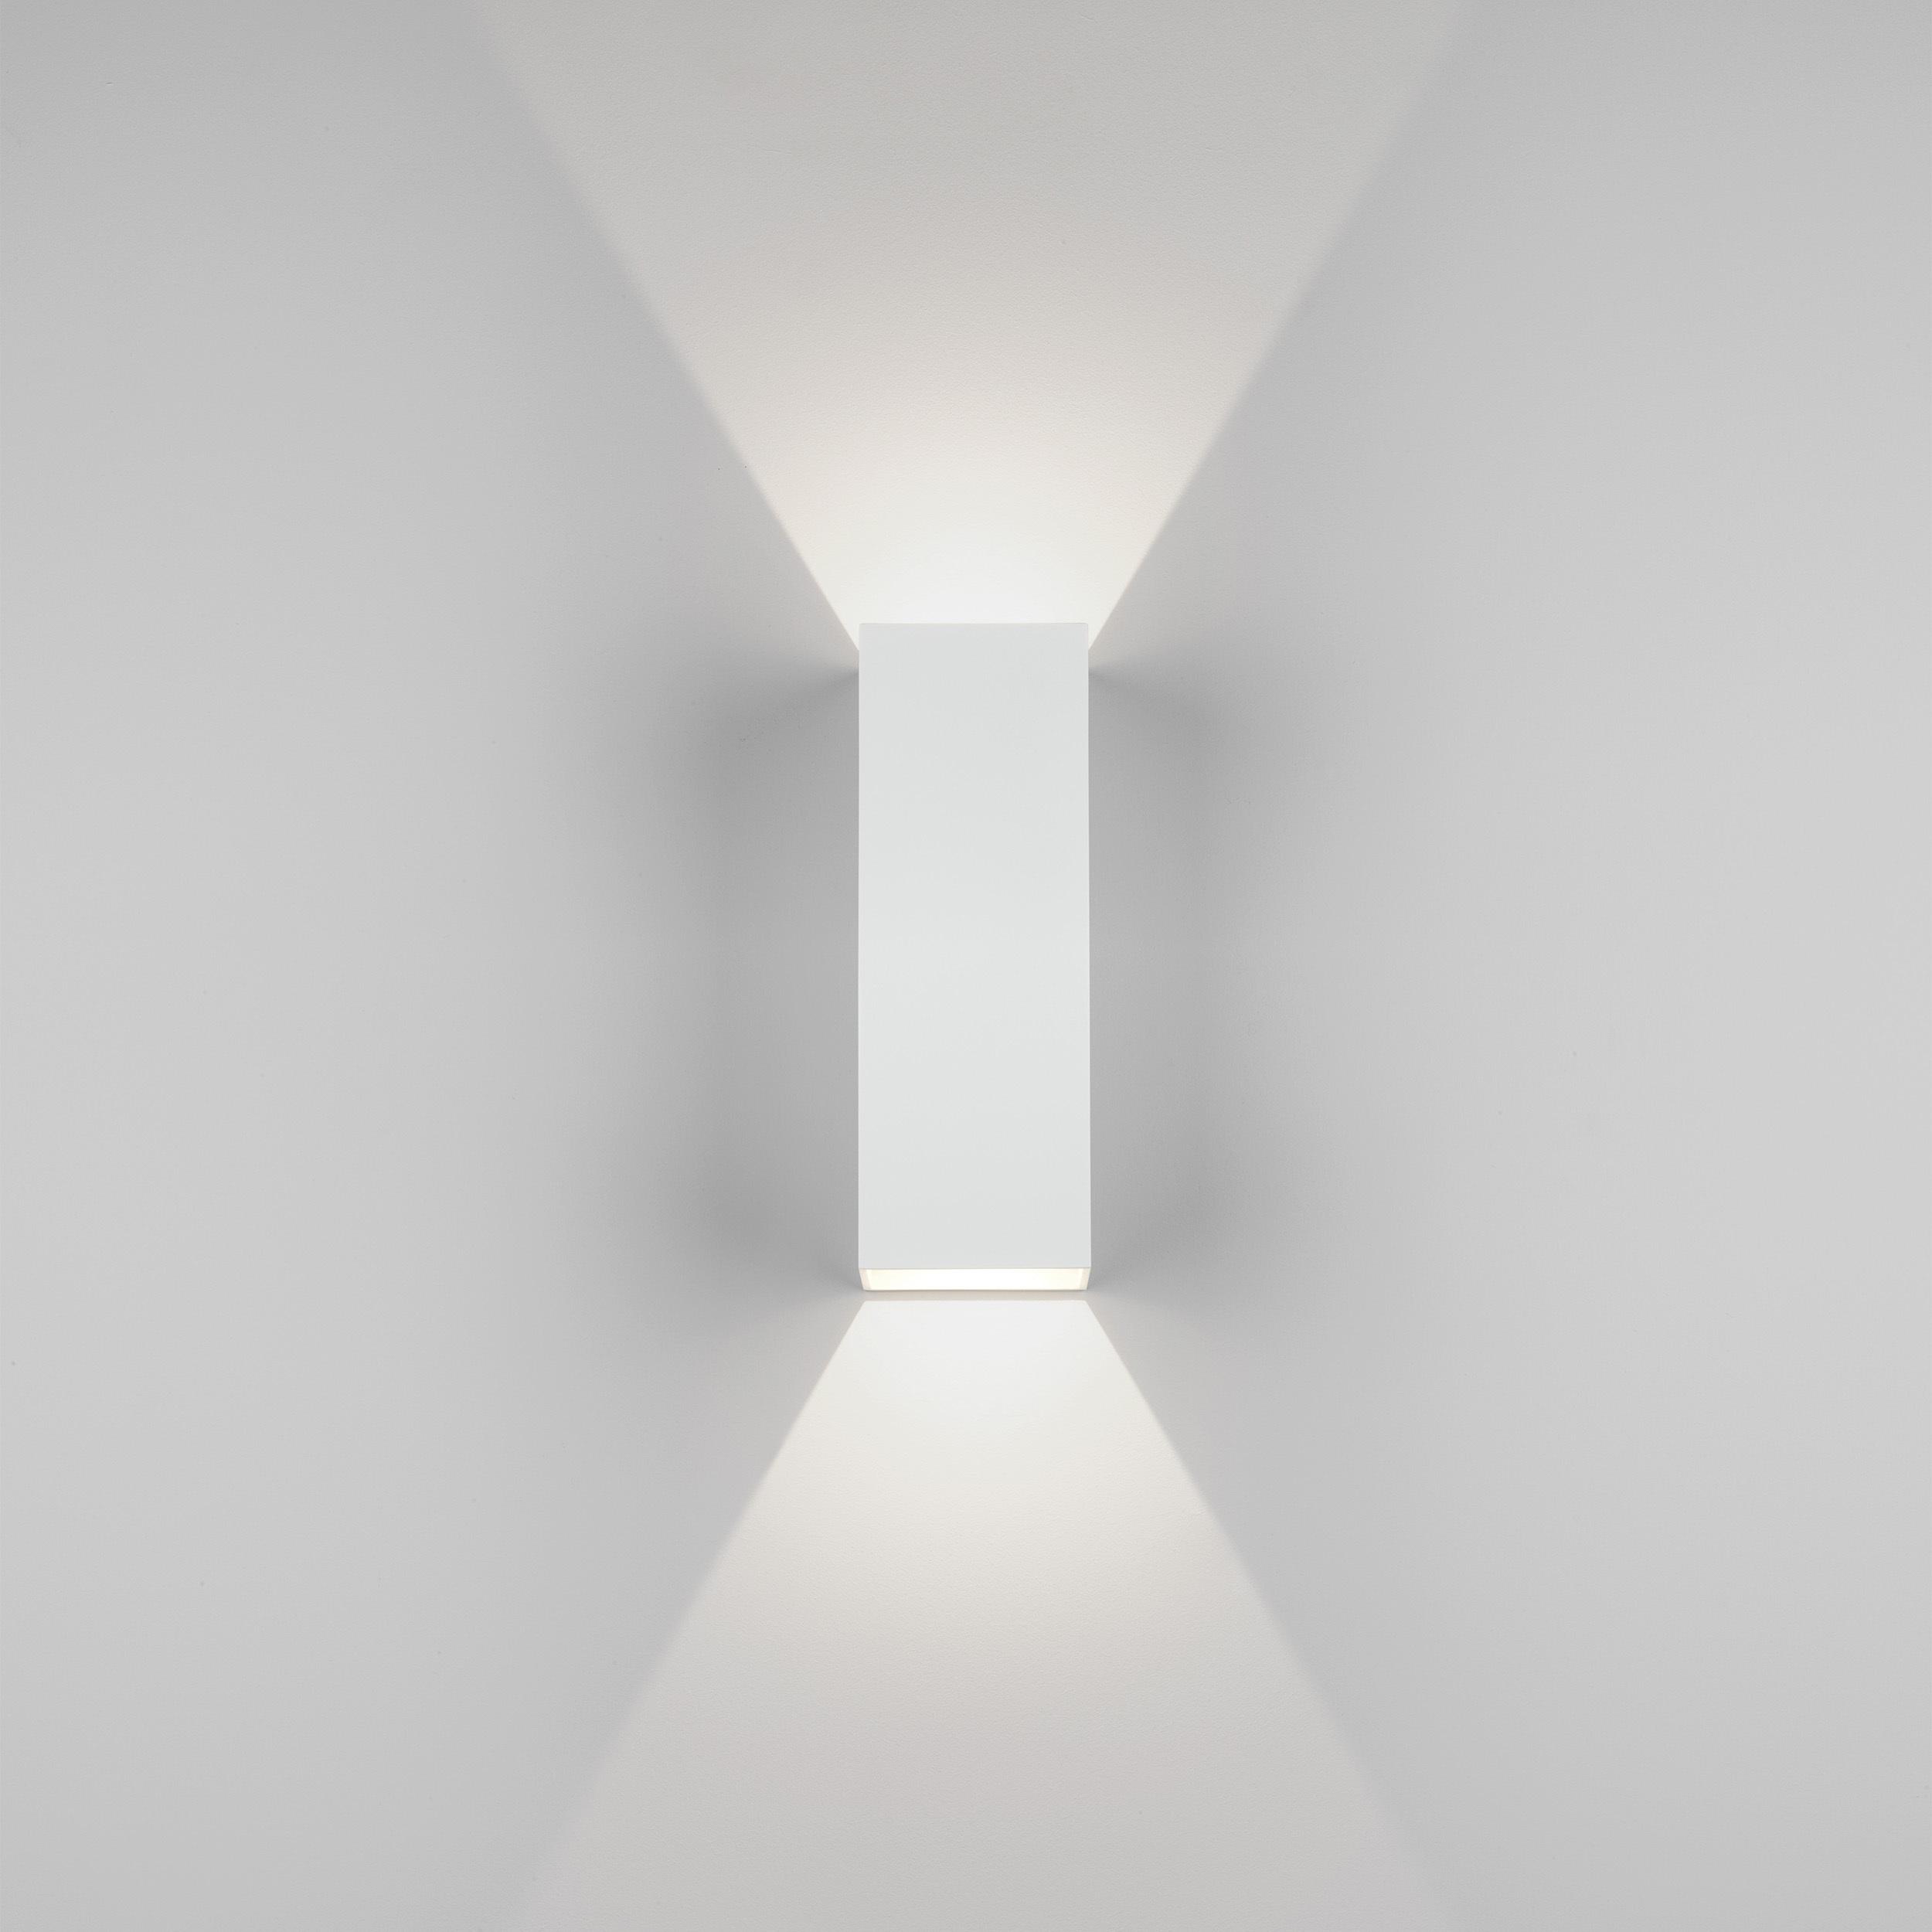 Настенный светодиодный светильник Astro Oslo 1298009 (7991), IP65, LED 7,5W 3000K 270.46lm CRI80, белый, металл, стекло - фото 2